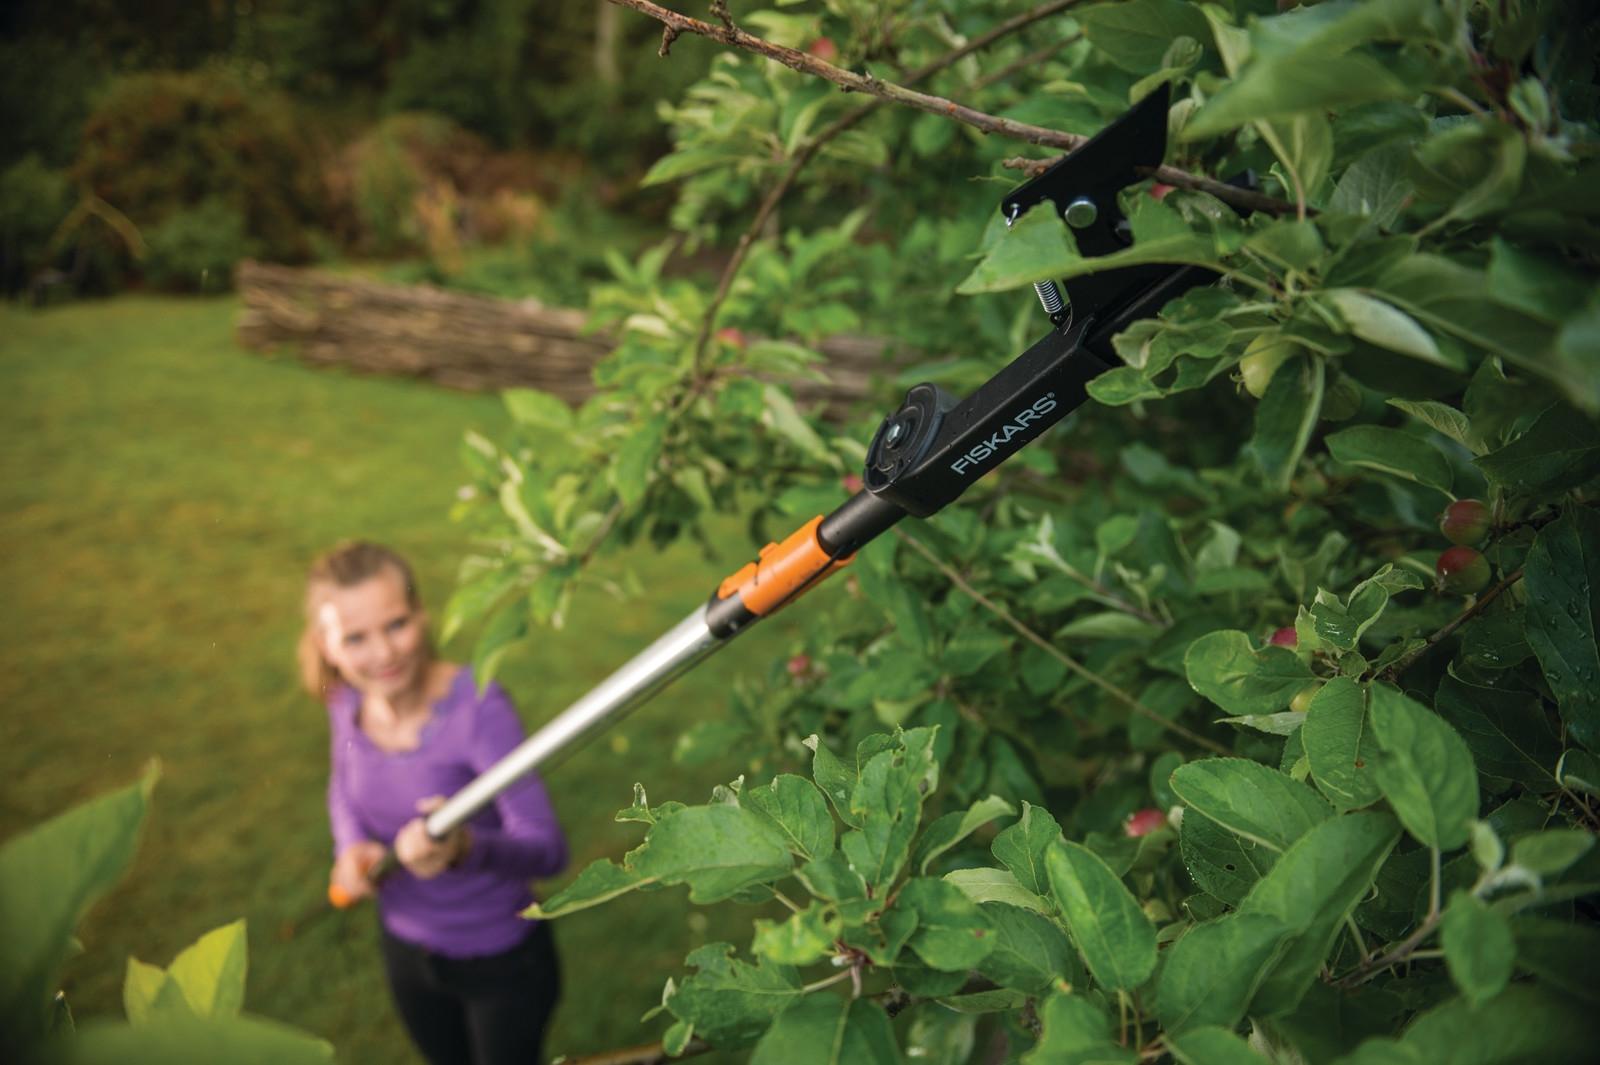 Údržba celé zahrady s jediným nástrojem